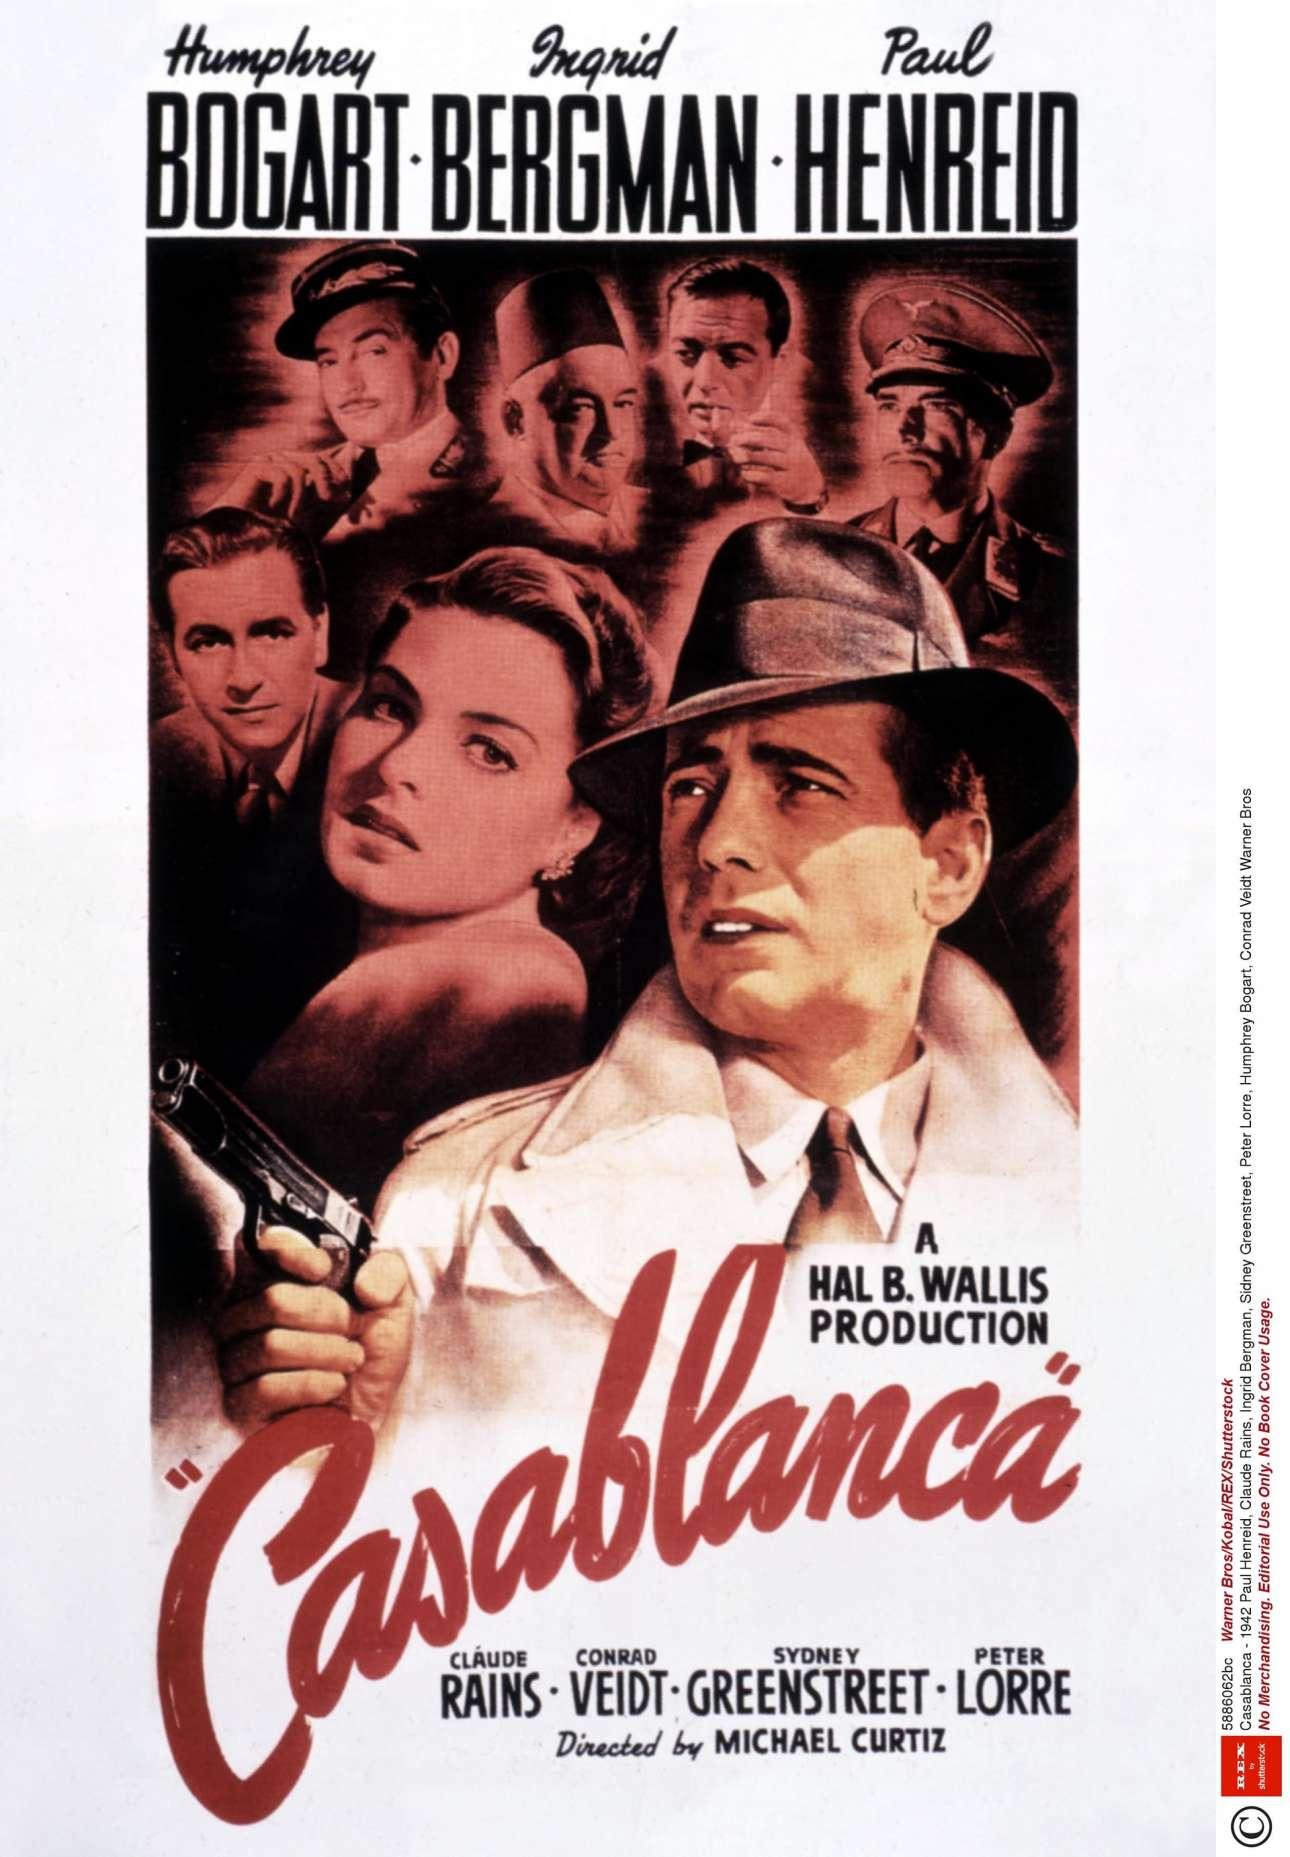 «Καζαμπλάνκα», 1942. «Η πρώτη μου σκέψη ήταν να κάνω ένα κολάζ που θα δείχνει όλους τους χαρακτήρες της ταινίας. Ηθελα να βάλω τον Χάμφρεϊ Μπόγκαρτ μπροστά και στο φόντο την Ινγκριντ Μπέργκμαν να τον κοιτάζει, χωρίς όμως να προδίδω το ρομάντσο. Ο πελάτης το λάτρεψε, αλλά είπε ότι του έλειπε ο ενθουσιασμός, όποτε έβαλα ένα όπλο στο χέρι του Μπόγκαρτ»